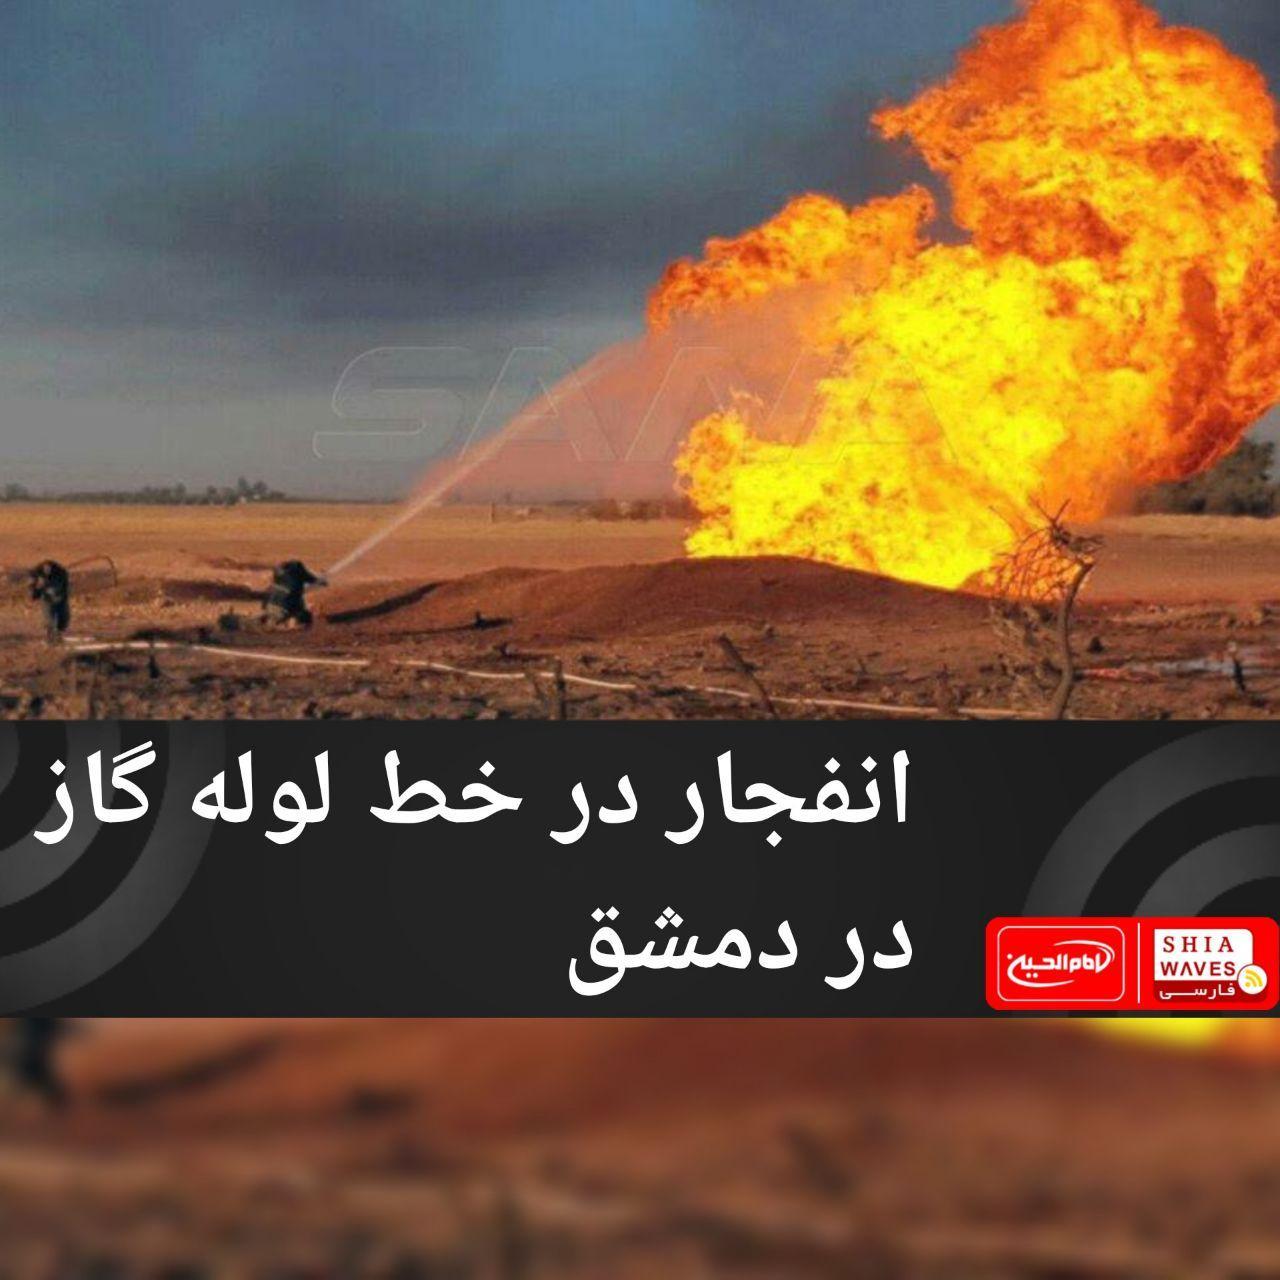 تصویر انفجار در خط لوله گاز در دمشق